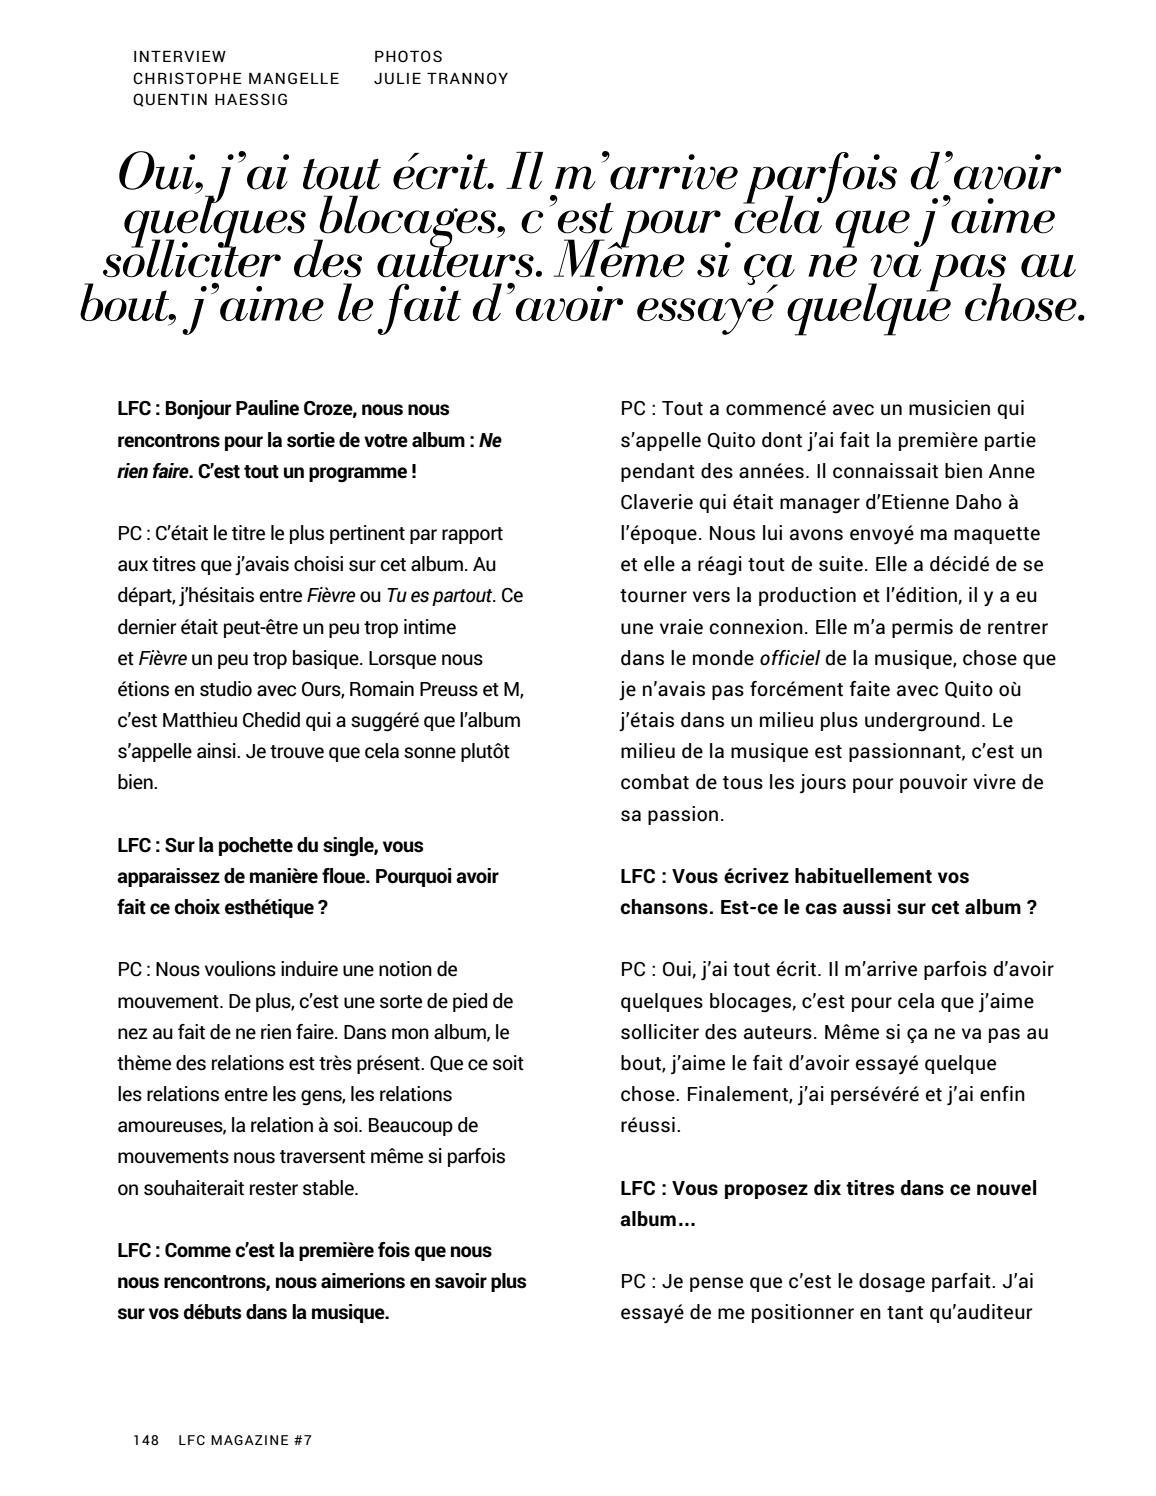 Lfc Magazine 7 Arnaud Valois Mars 2018 By La Fringale Culturelle